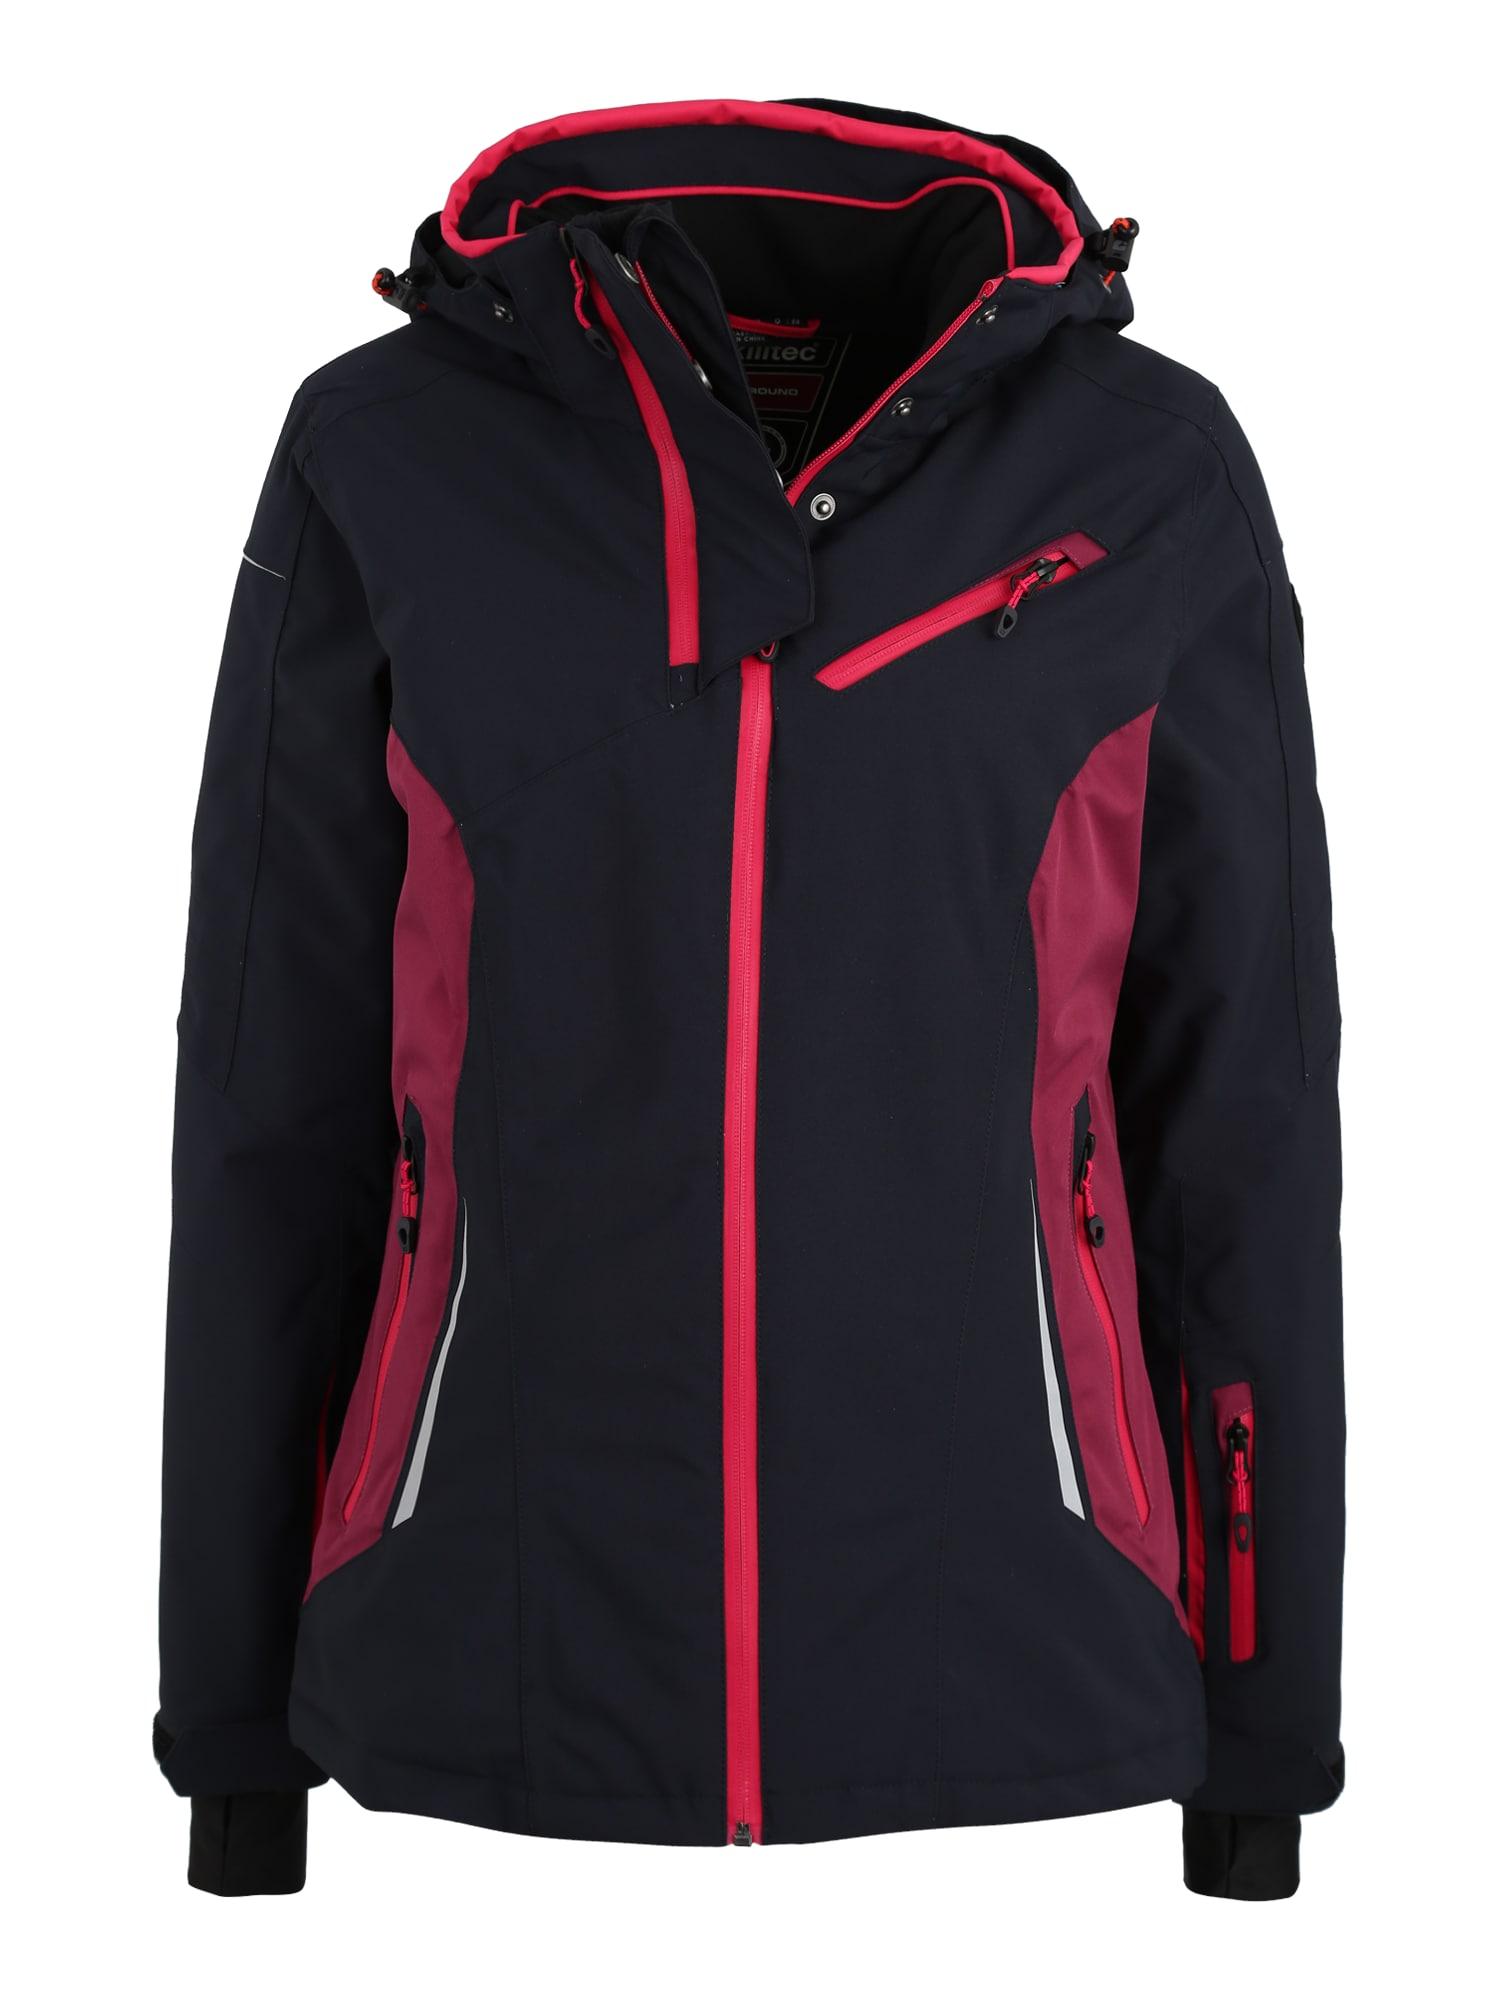 Outdoorová bunda Erlya noční modrá tmavě růžová KILLTEC